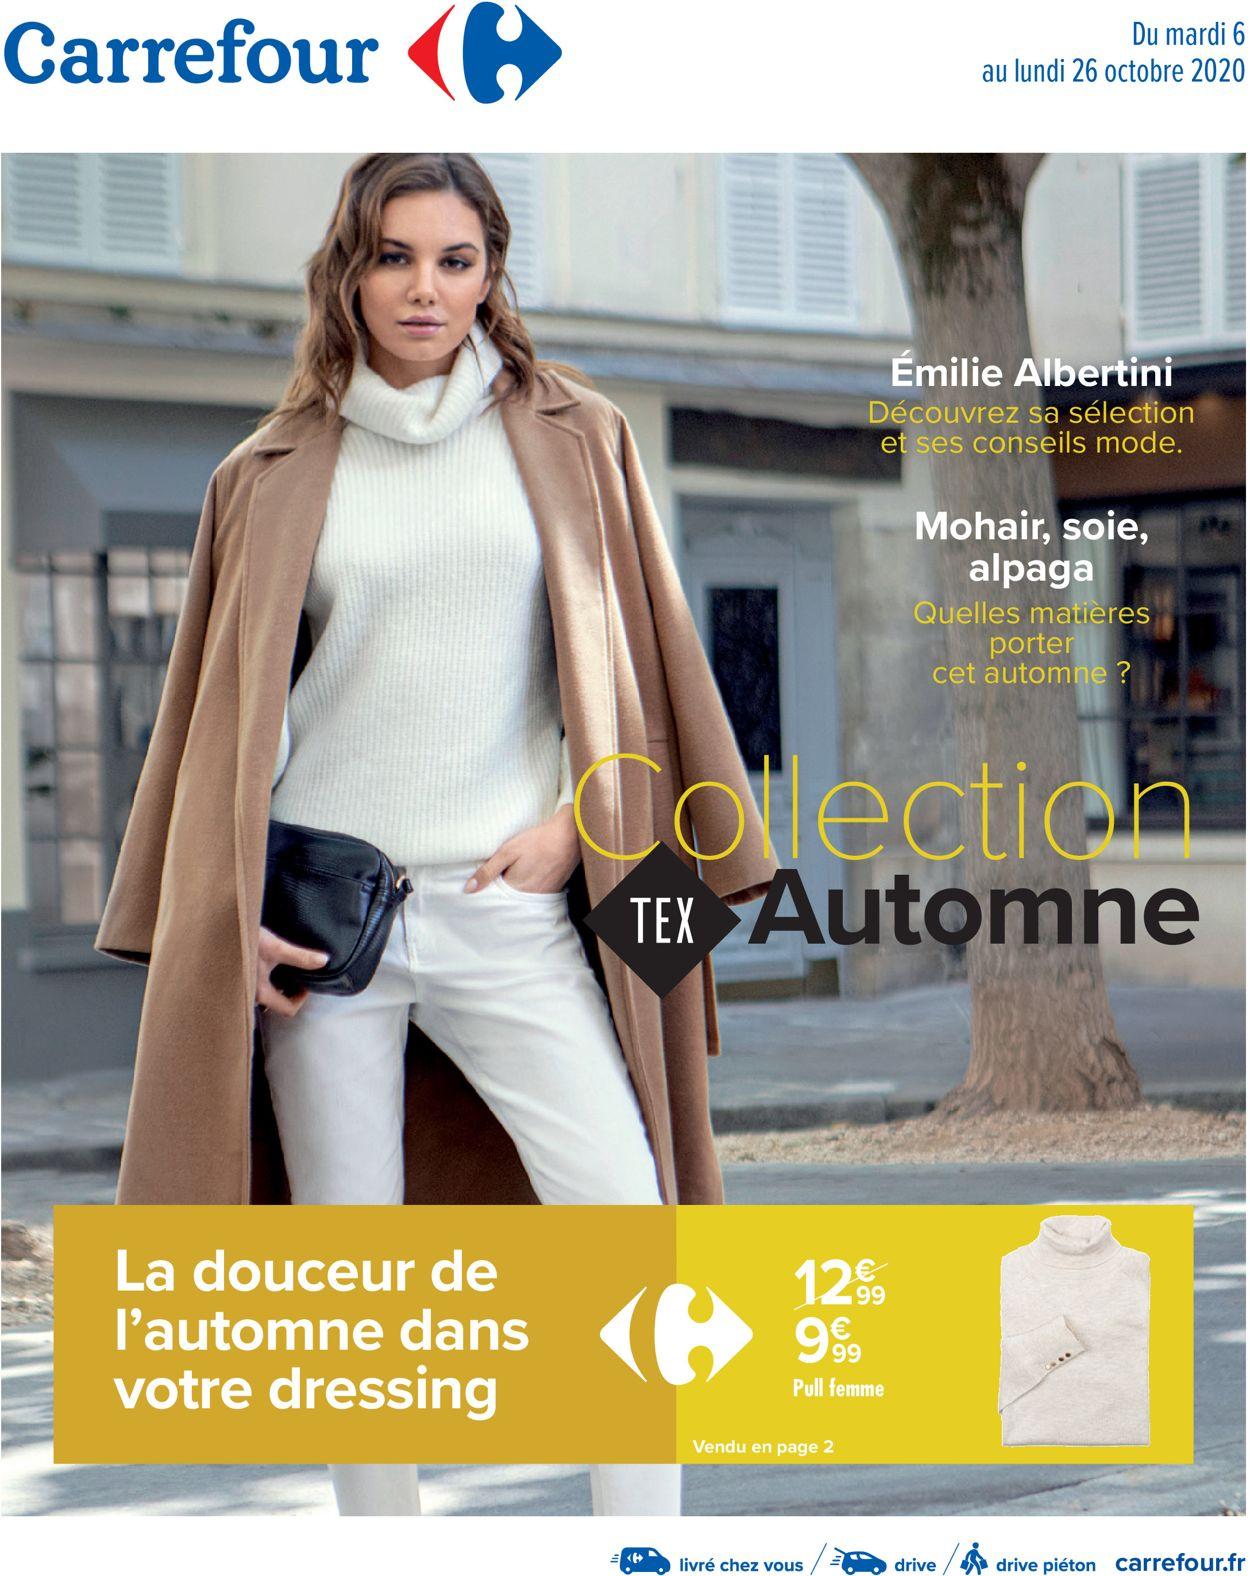 Carrefour Catalogue - 06.10-26.10.2020